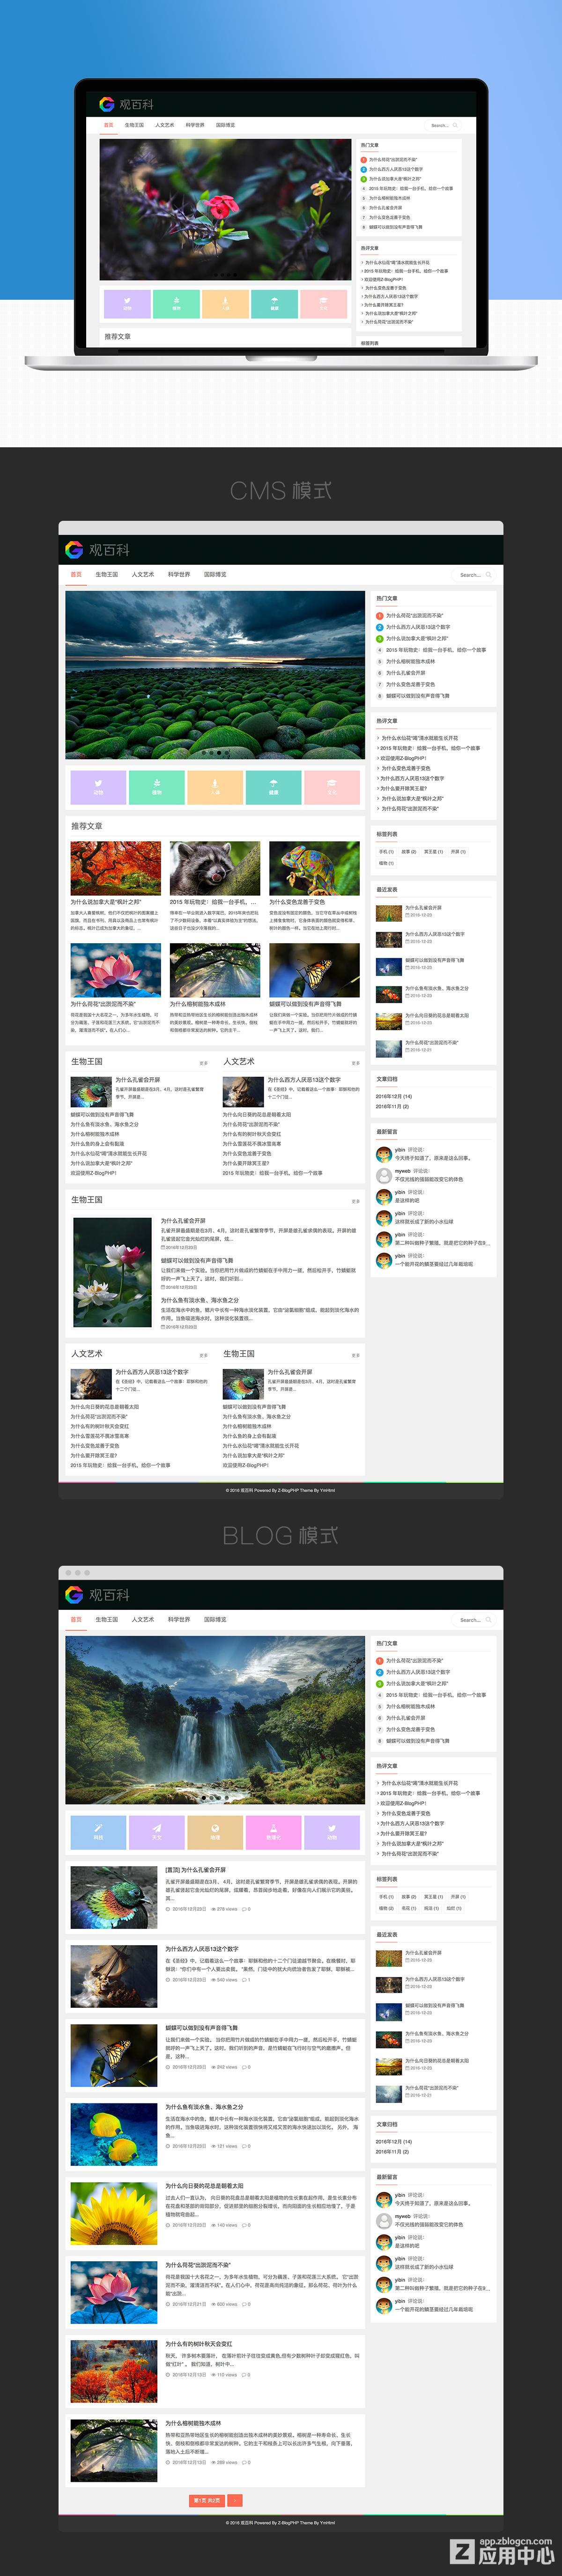 zblog高性价比主题,多布局响应式主题 建站教程 第8张